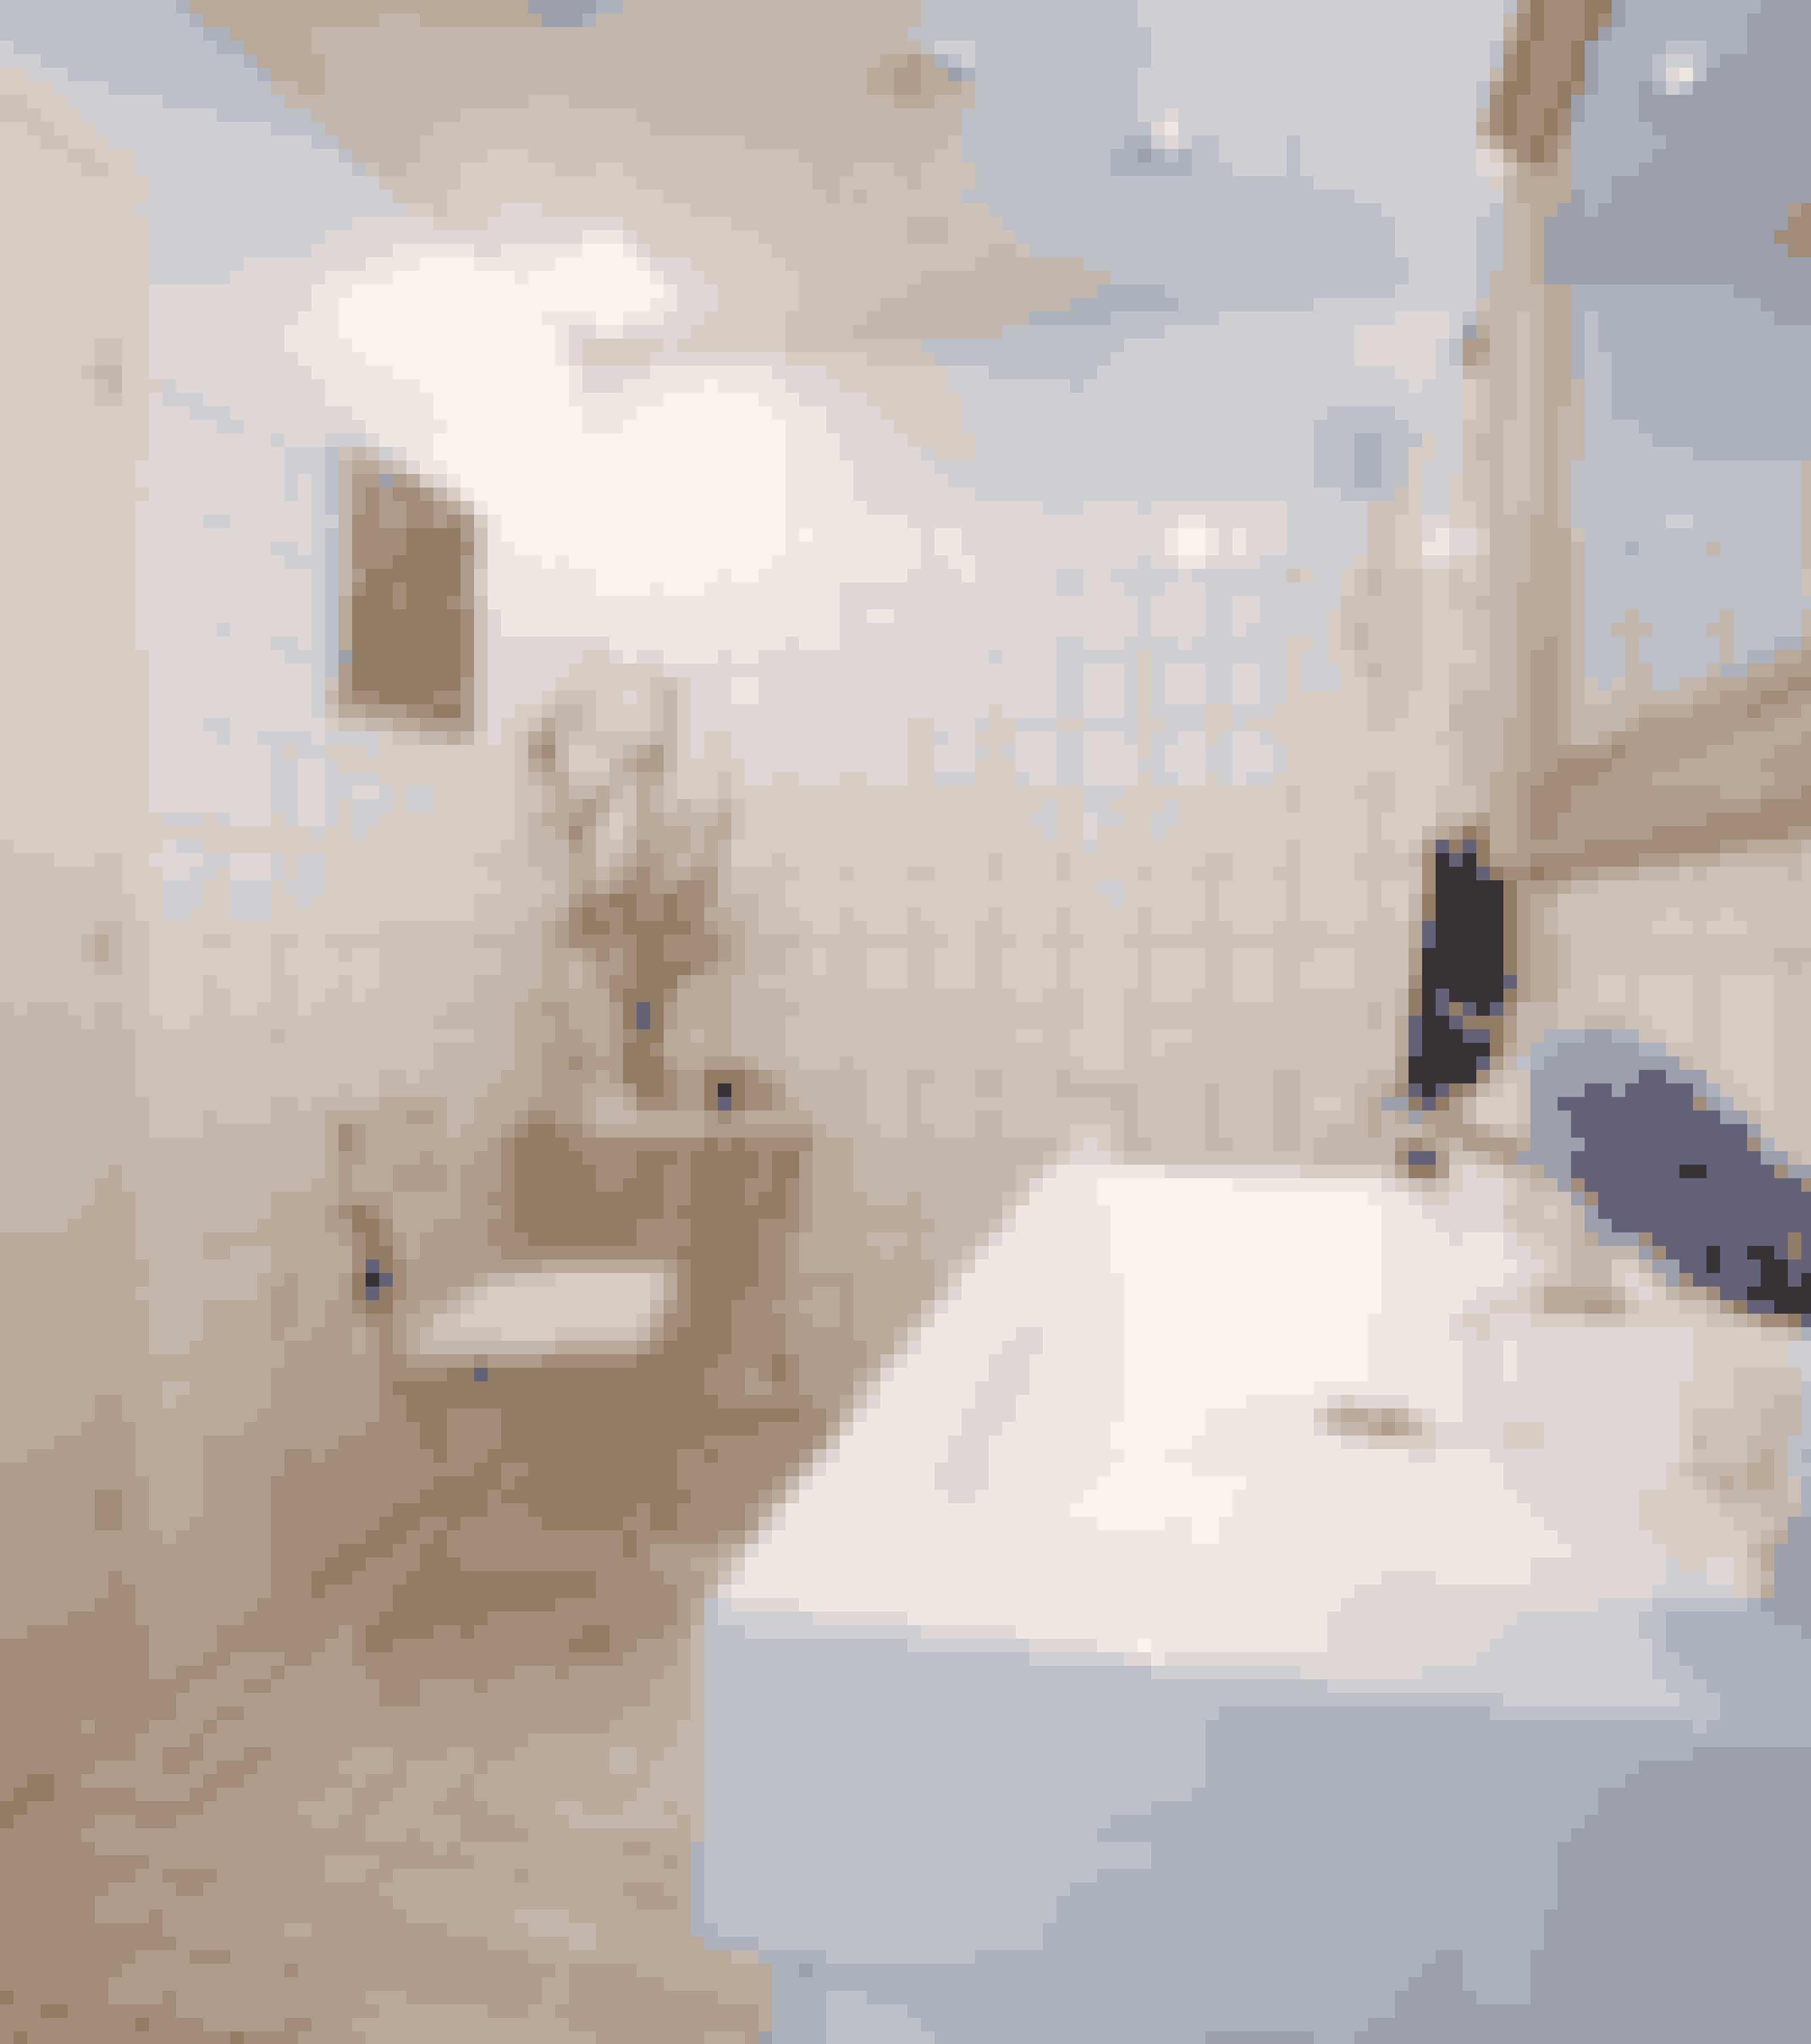 Der skal ikke så meget til for at pifte et almindeligt badeværelse med hvide klinker op. Er der ikke plads til et lille cafébord, kan blomster og billeder også gøre meget.  Foto: Lene Karin Kristiansen